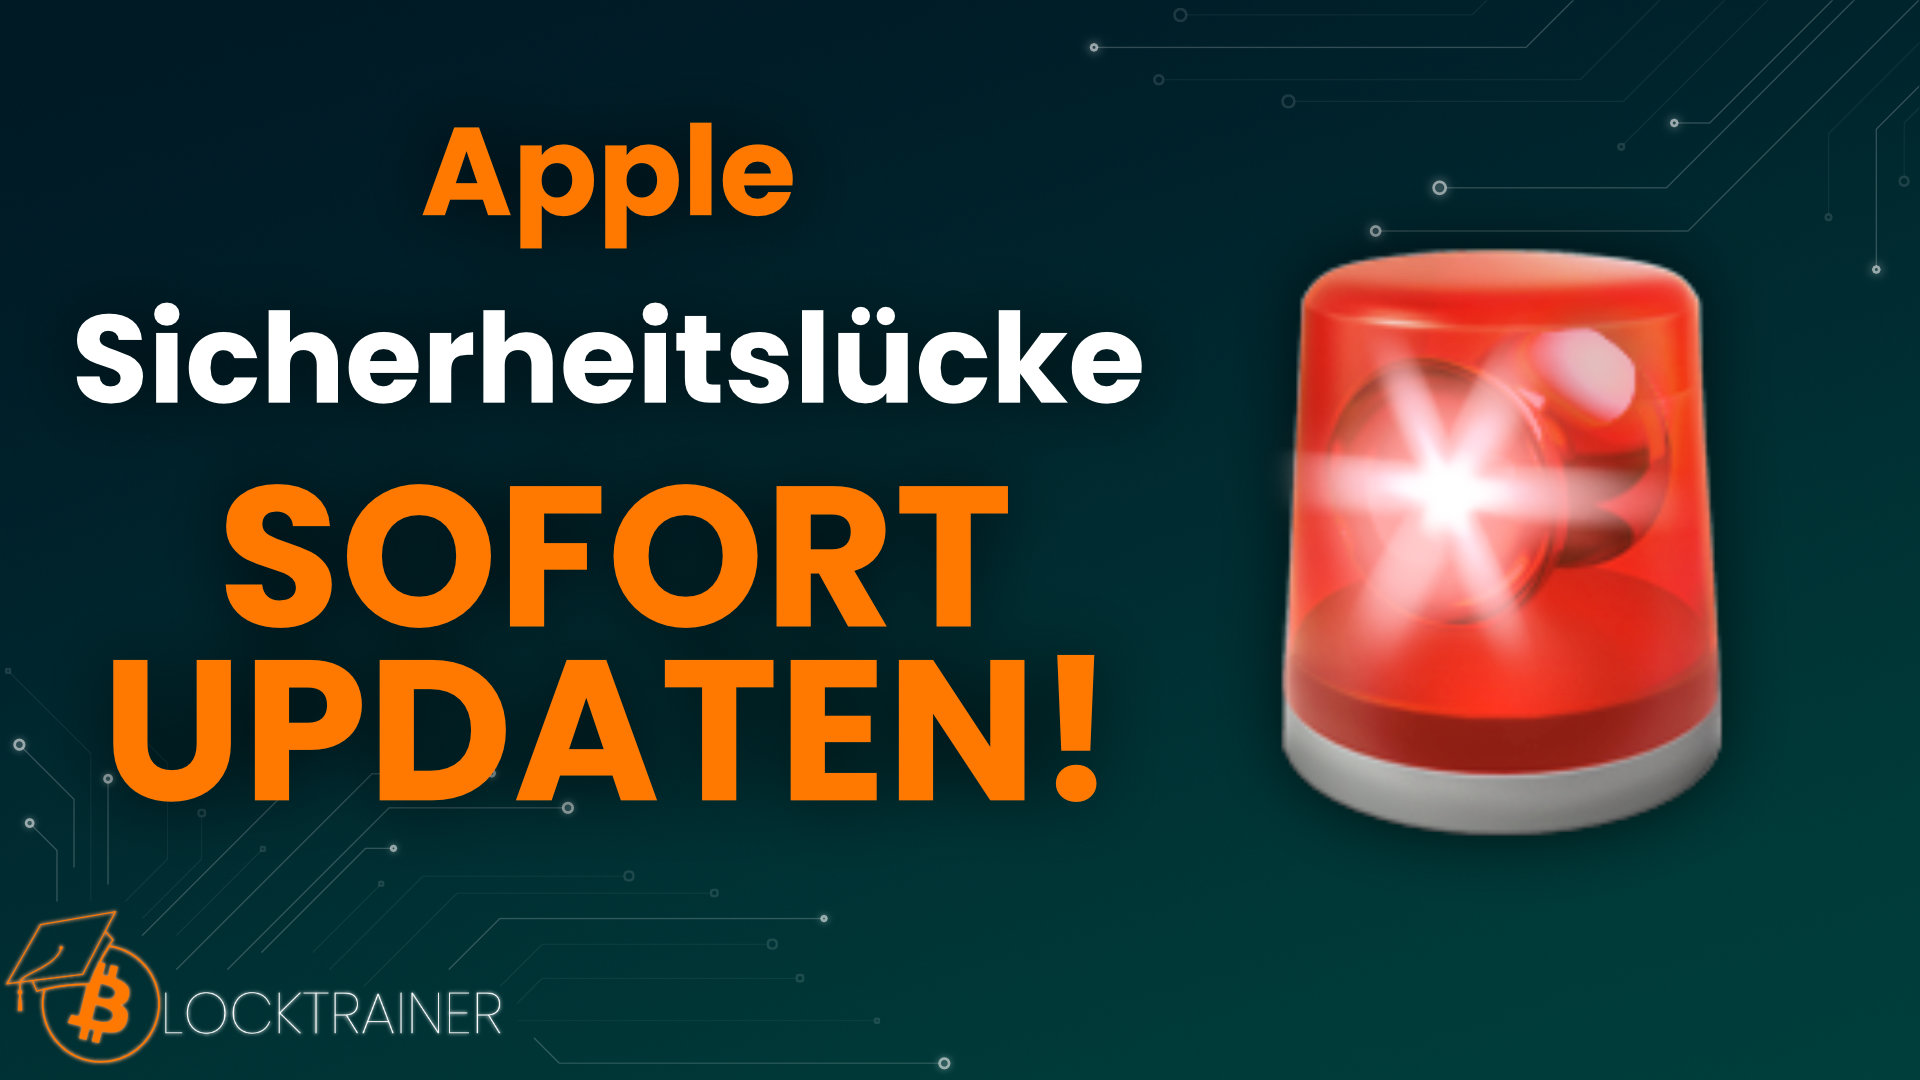 Apple Sicherheitslücke sofort Updaten!